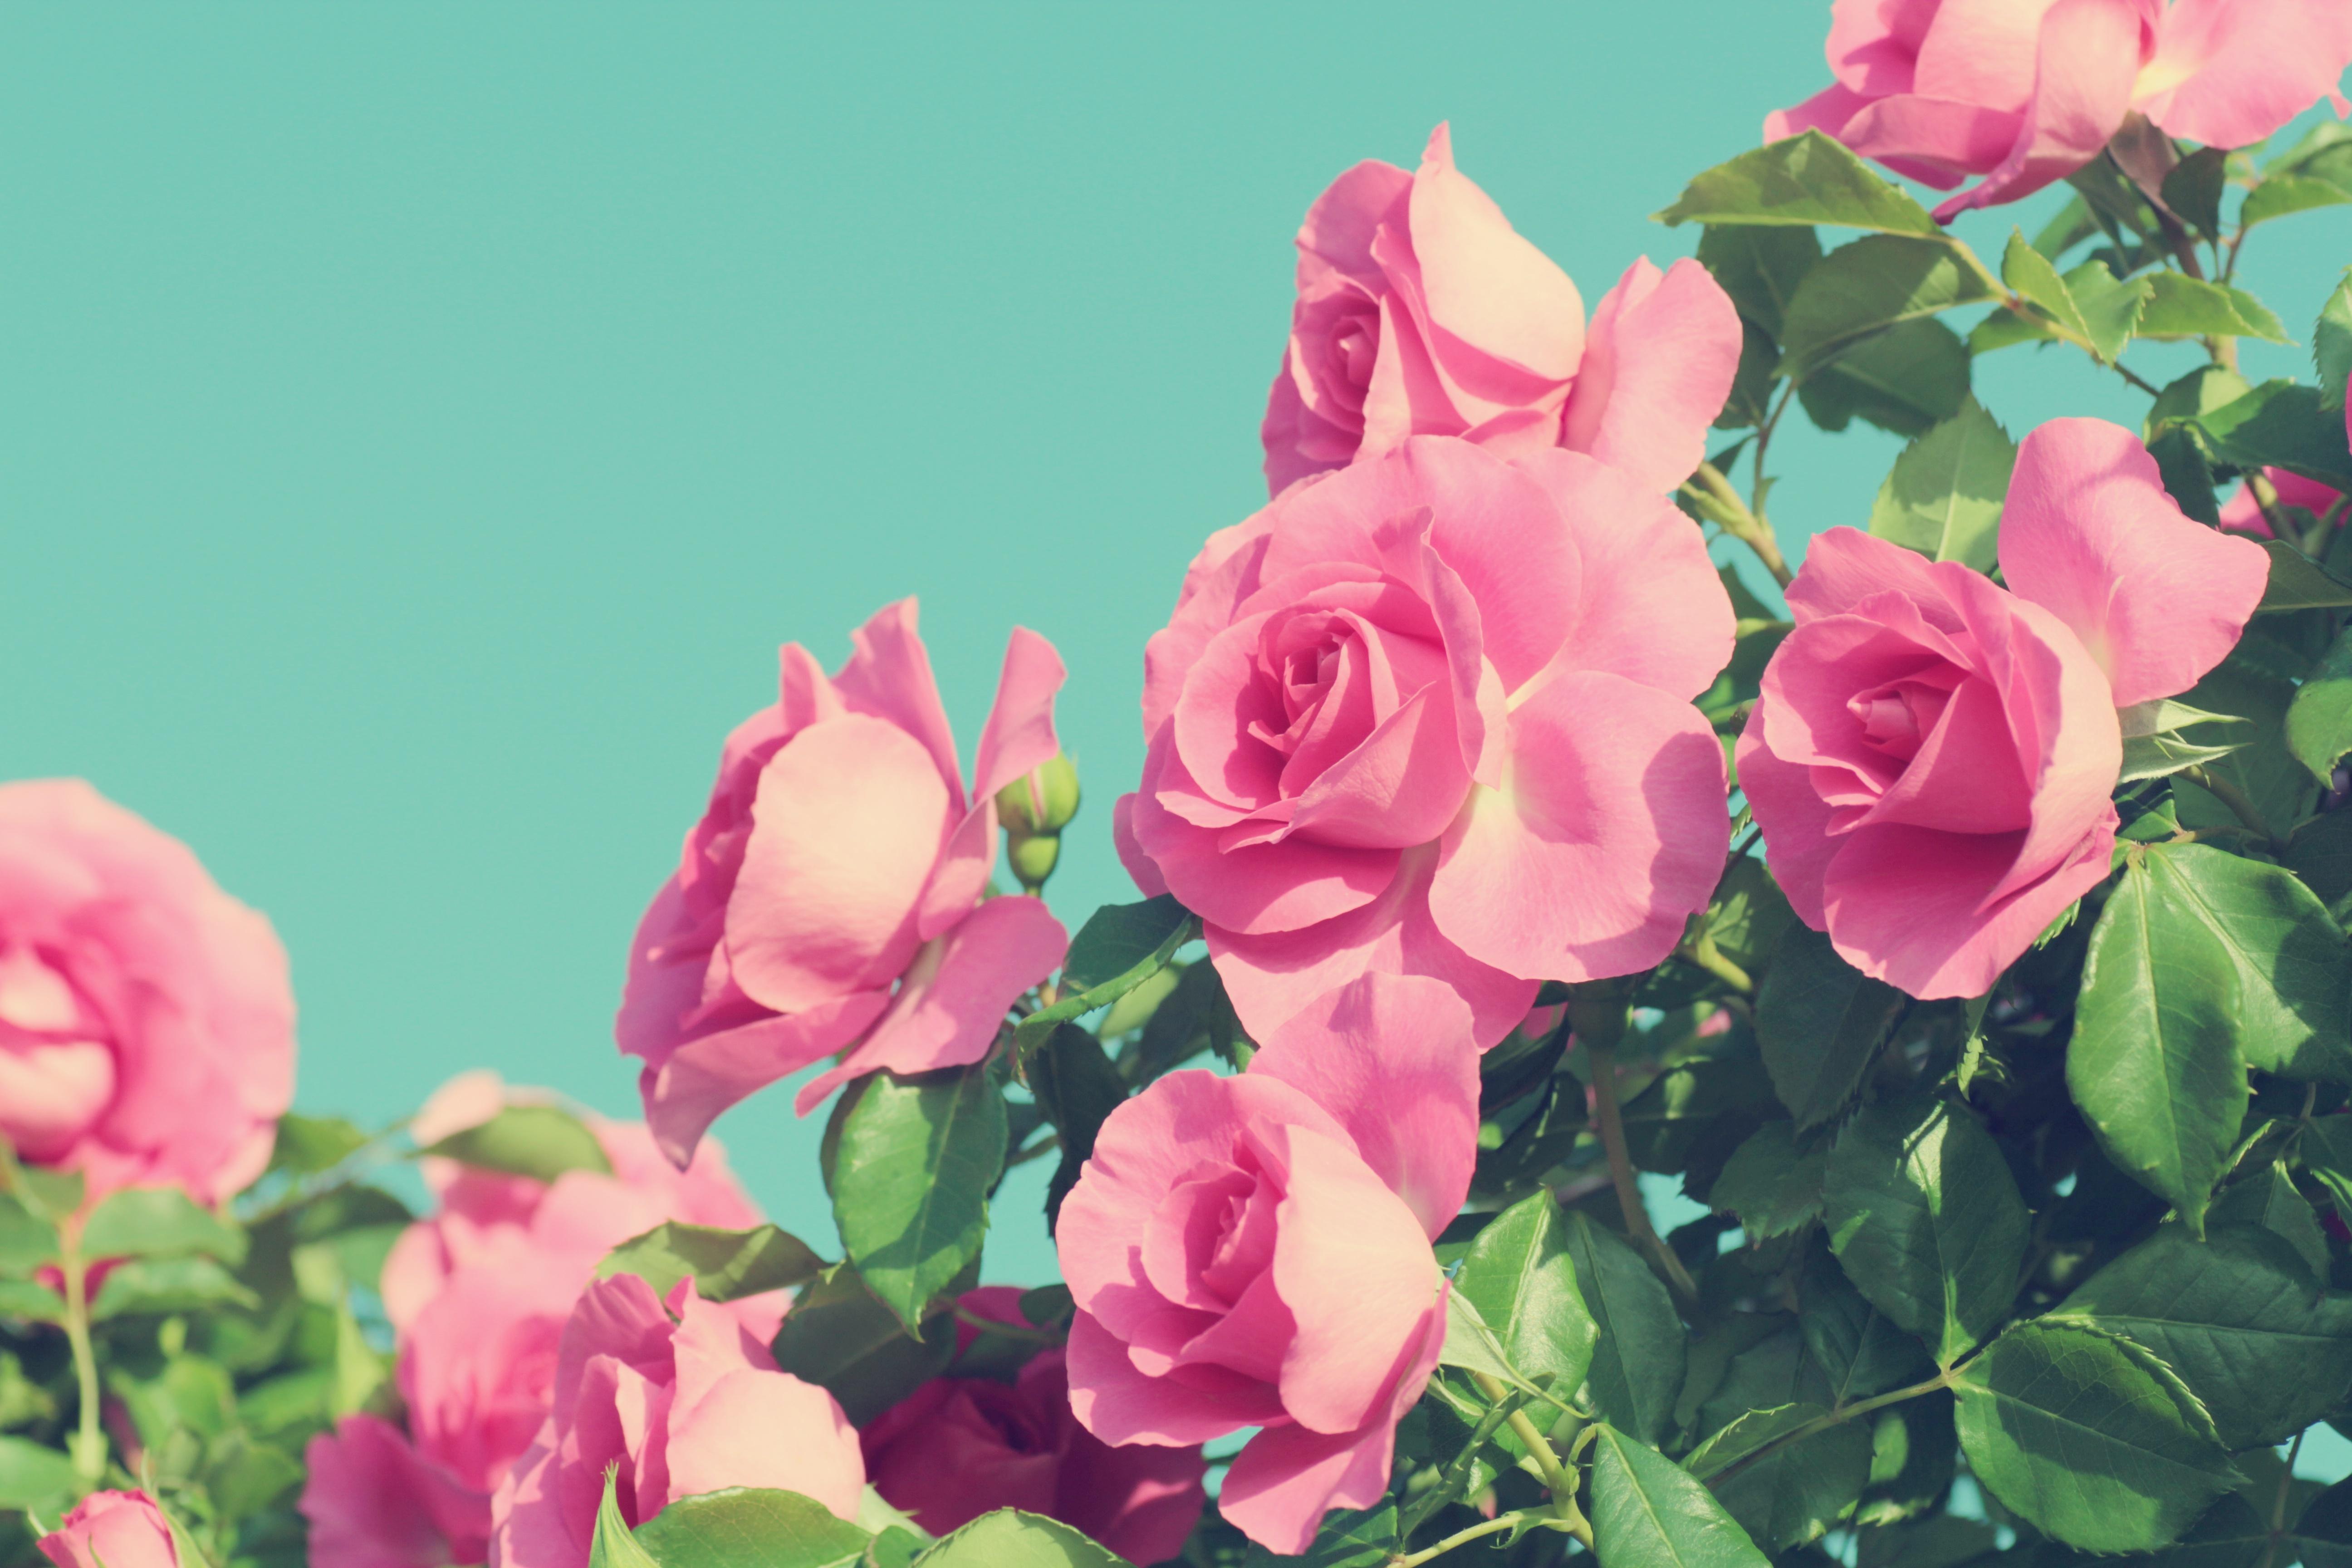 разделить картинки на три экрана розы самый популярный